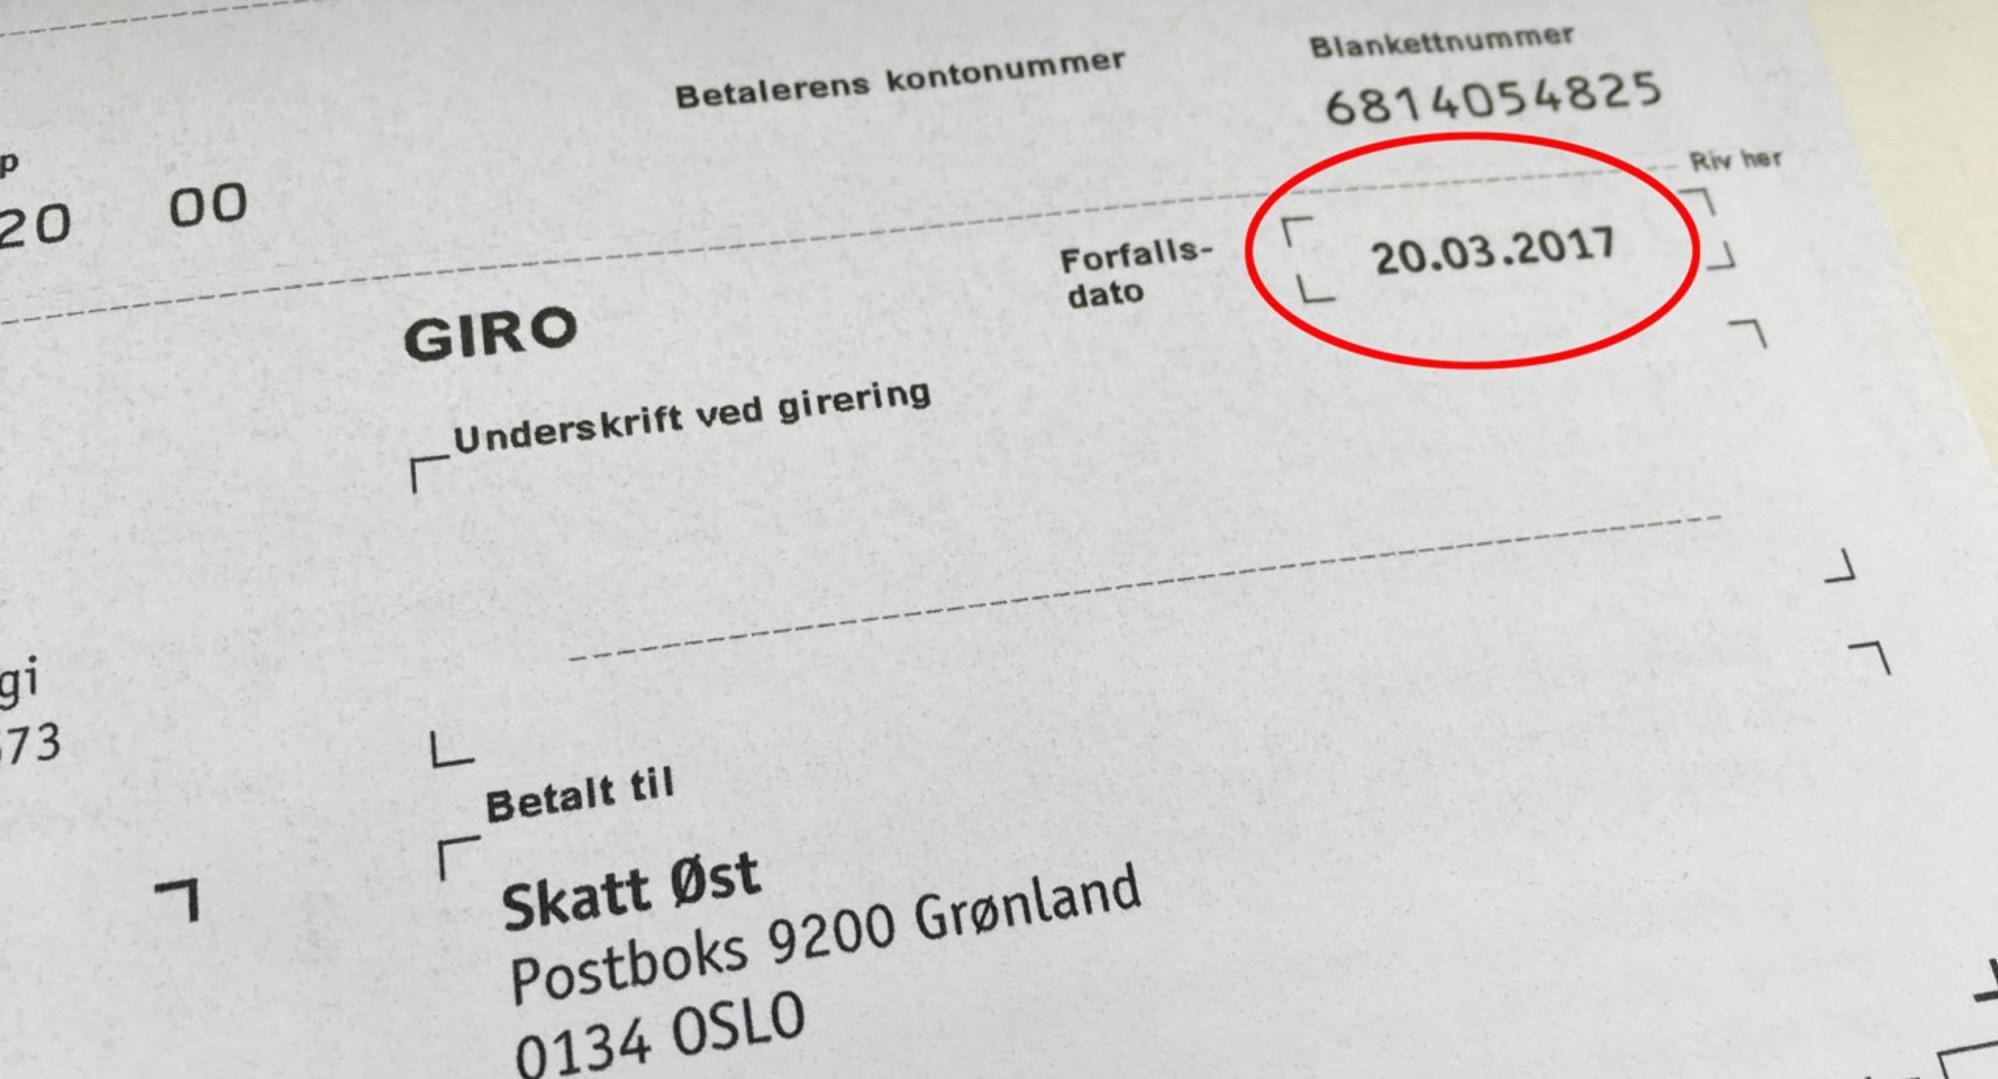 FORFALLER SNART: Årsavgiften forfaller 20. mars, faktura er sendt ut på papir eller til nettbank.